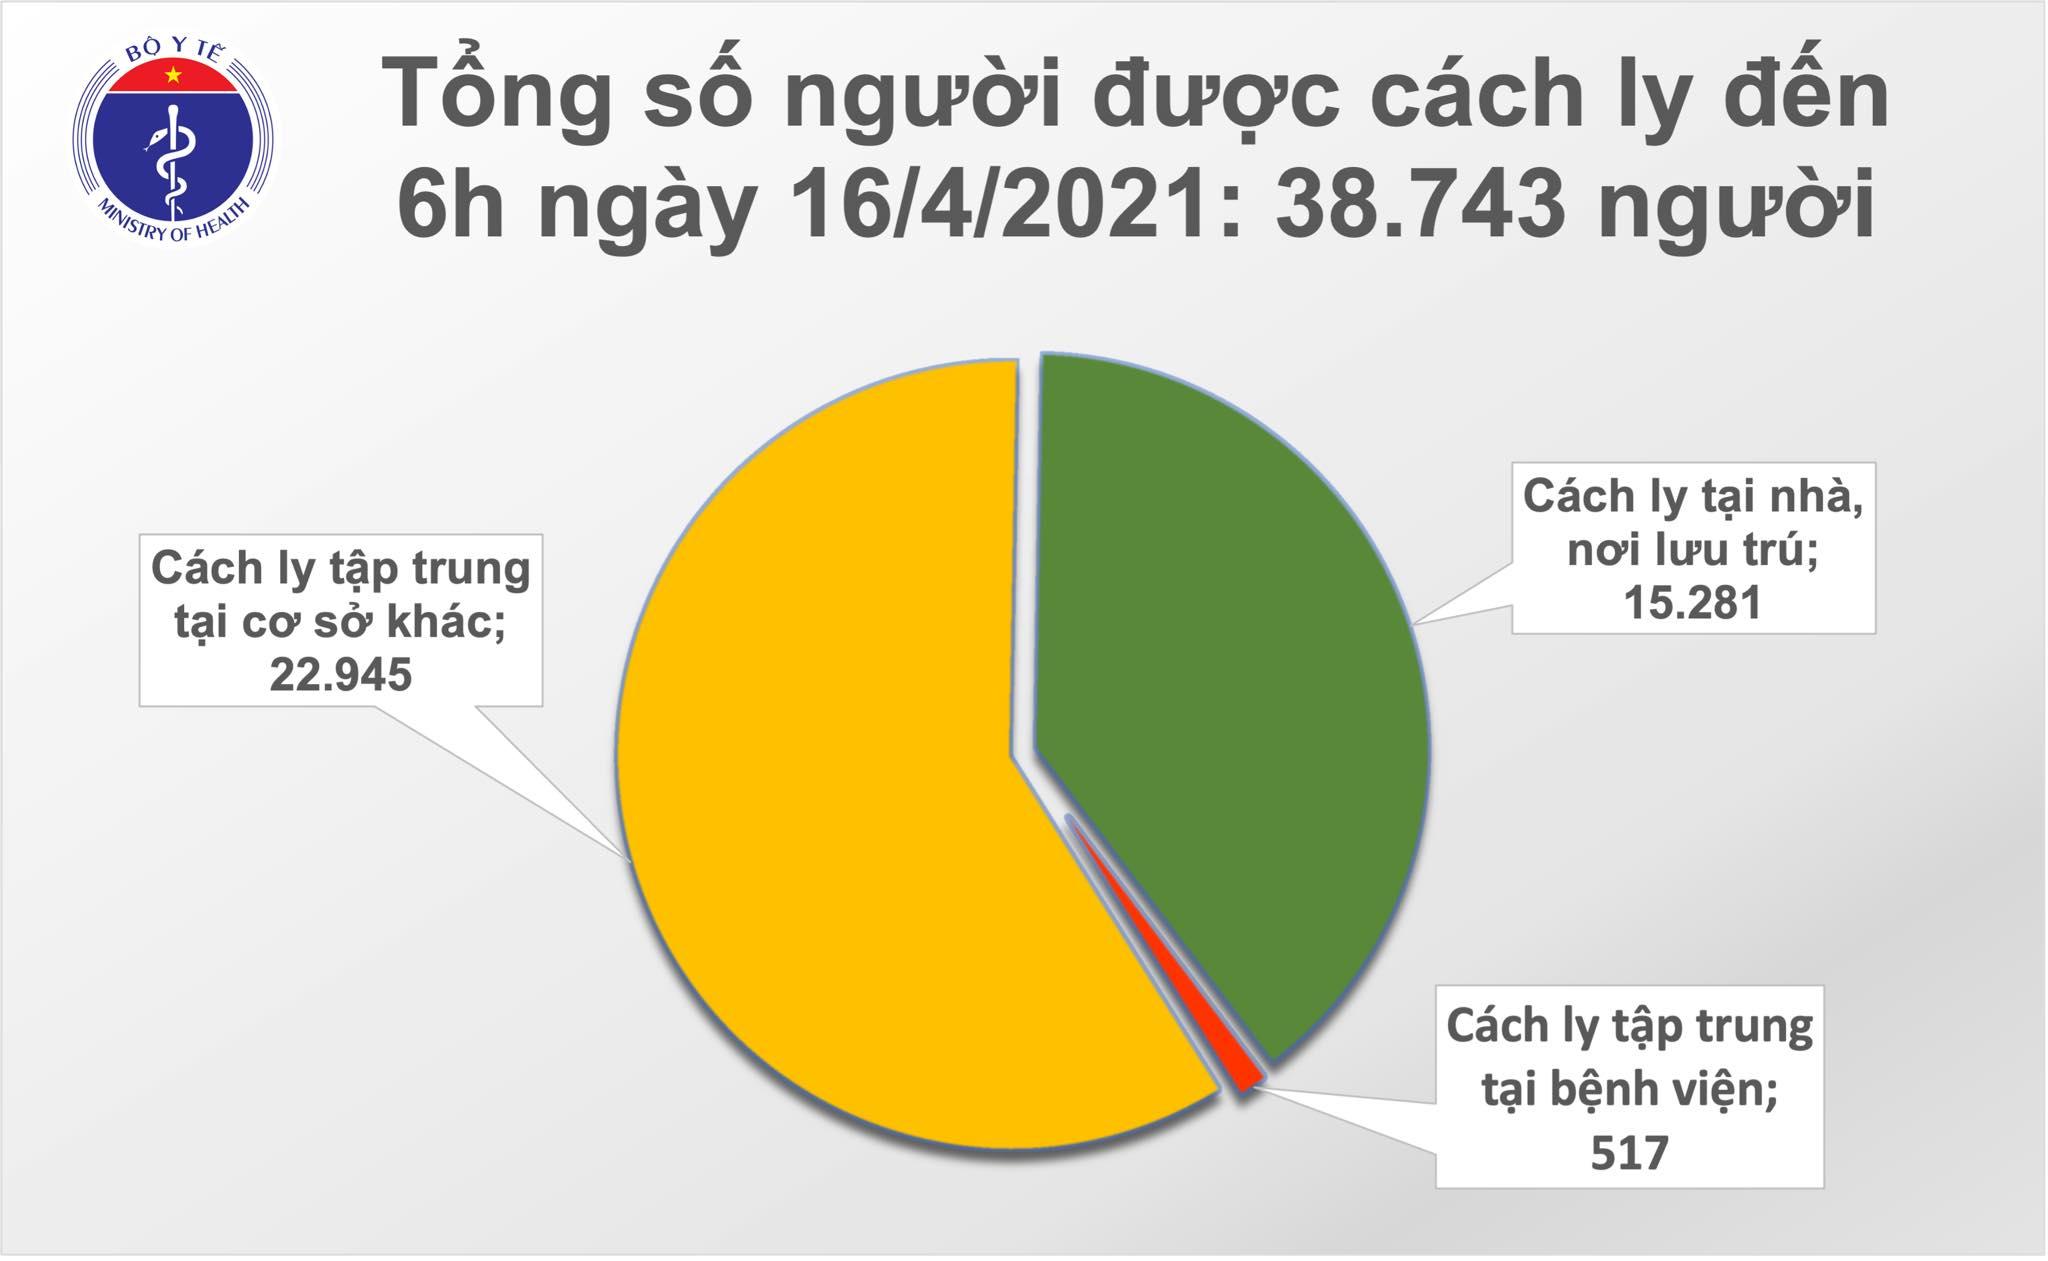 Sáng 16/4: Không ca mắc mới; hơn 63.700 người Việt đã tiêm vắc xin COVID-19 - Ảnh 2.